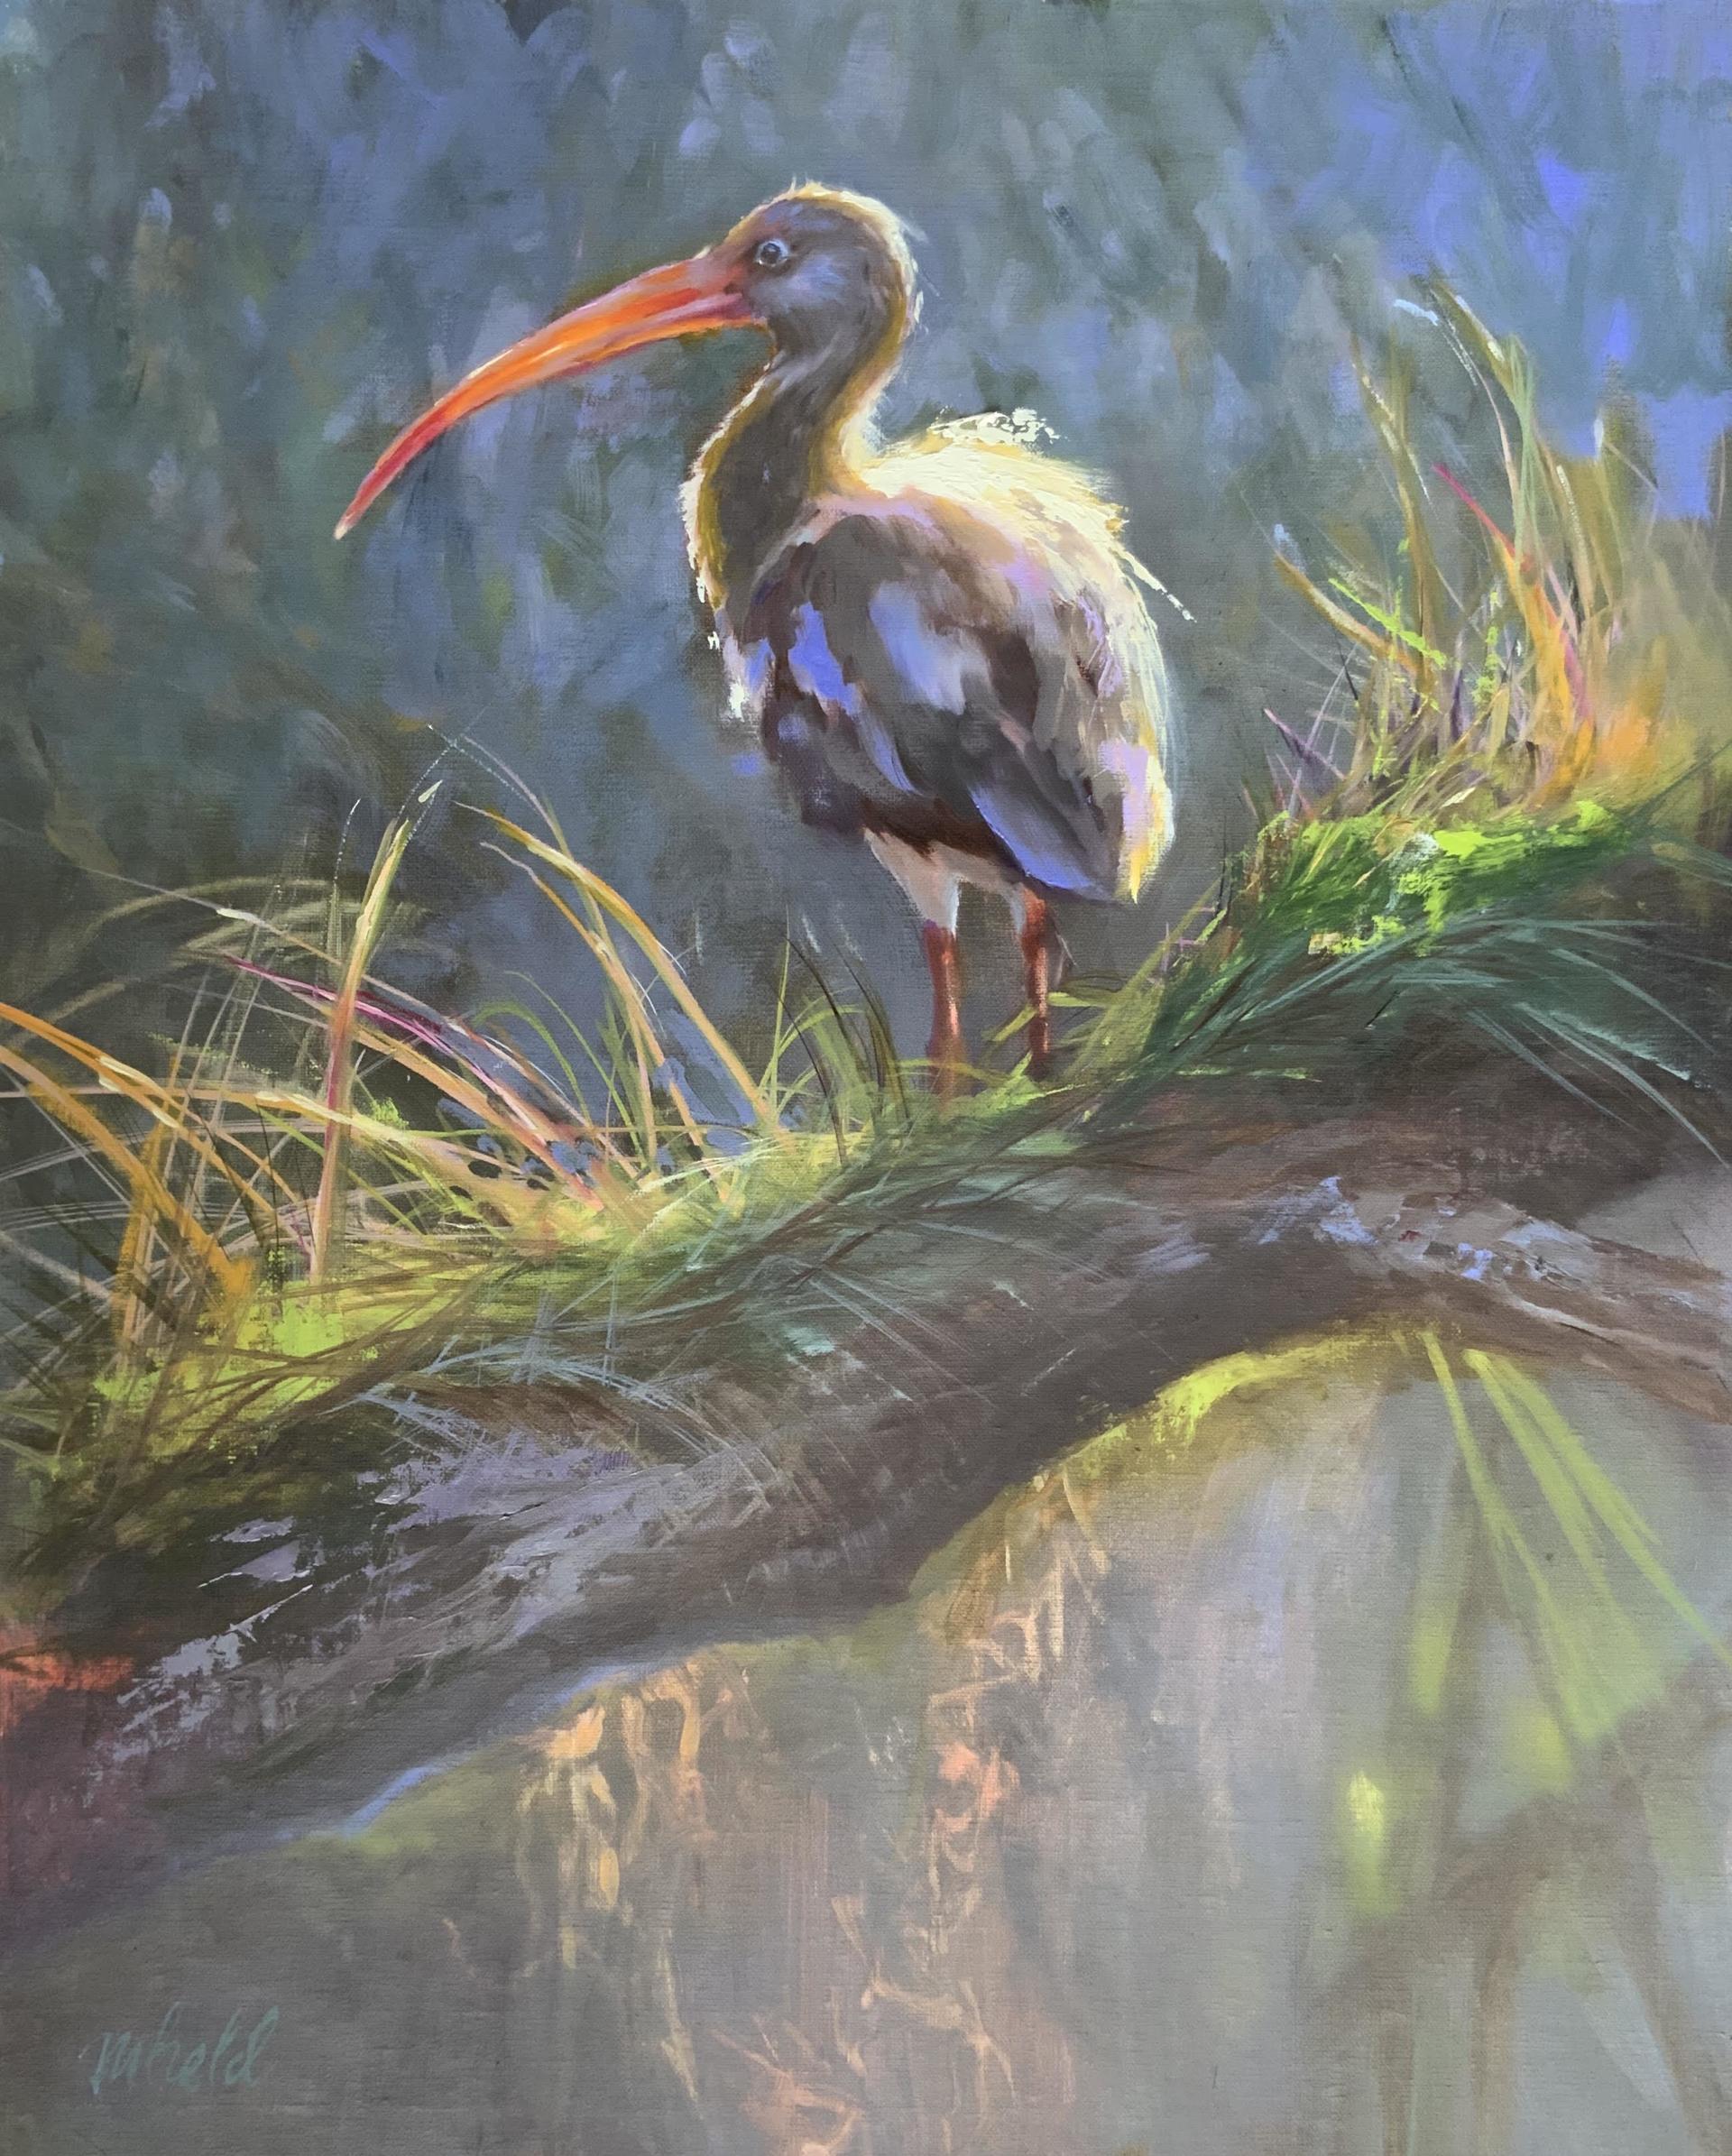 Morning Misty Ibis on Wekiva by Michelle Held